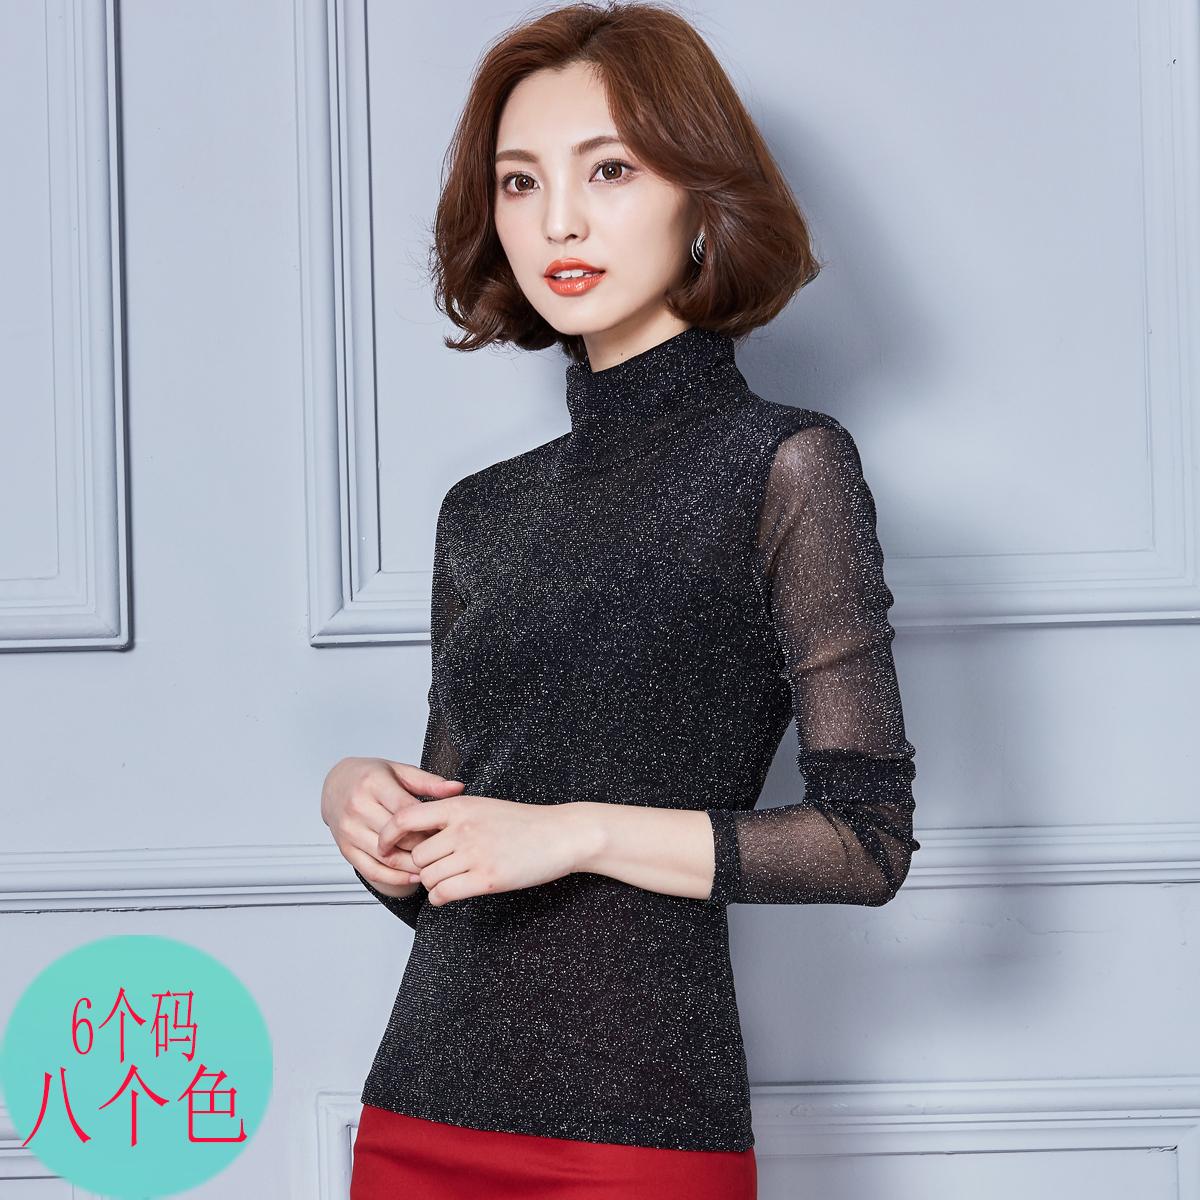 春装打底衫女长袖百搭修身银丝网纱上衣显瘦韩版大码高领T恤